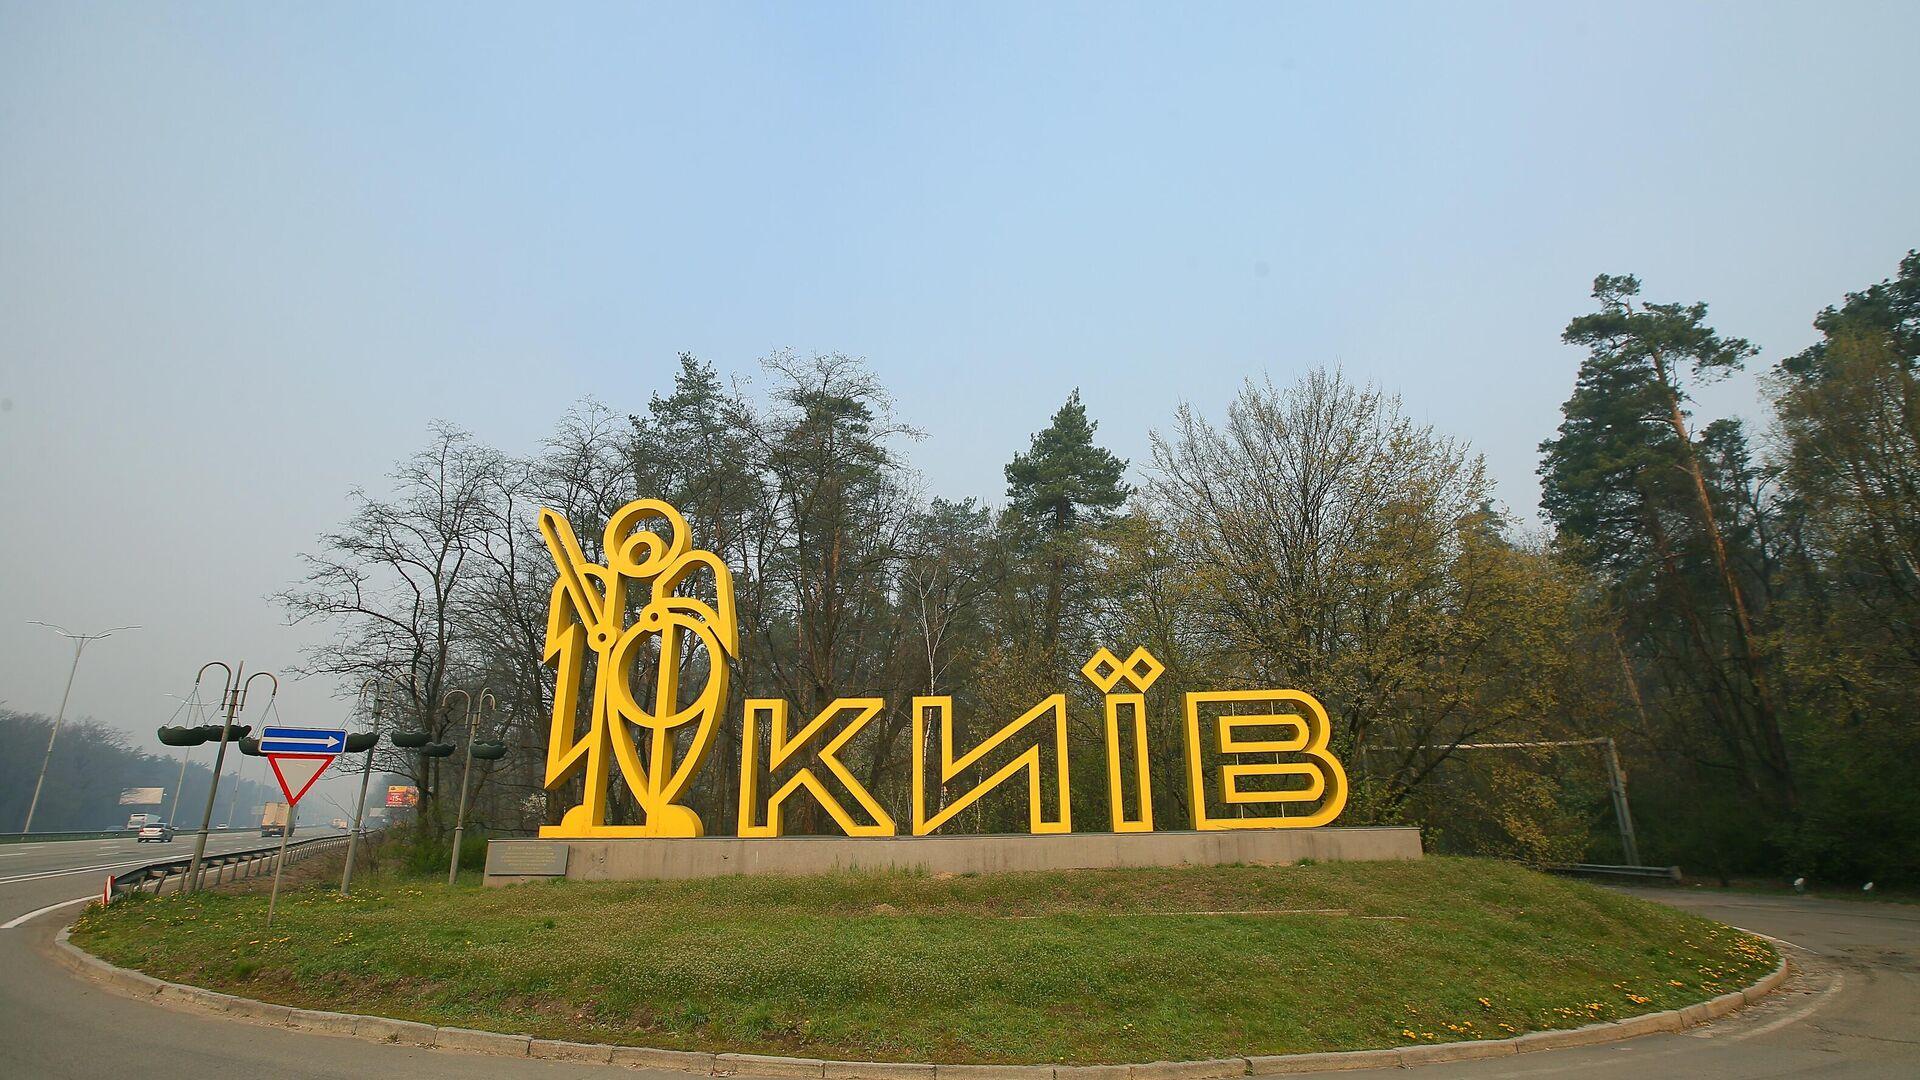 Въездной знак города Киева - РИА Новости, 1920, 04.07.2021